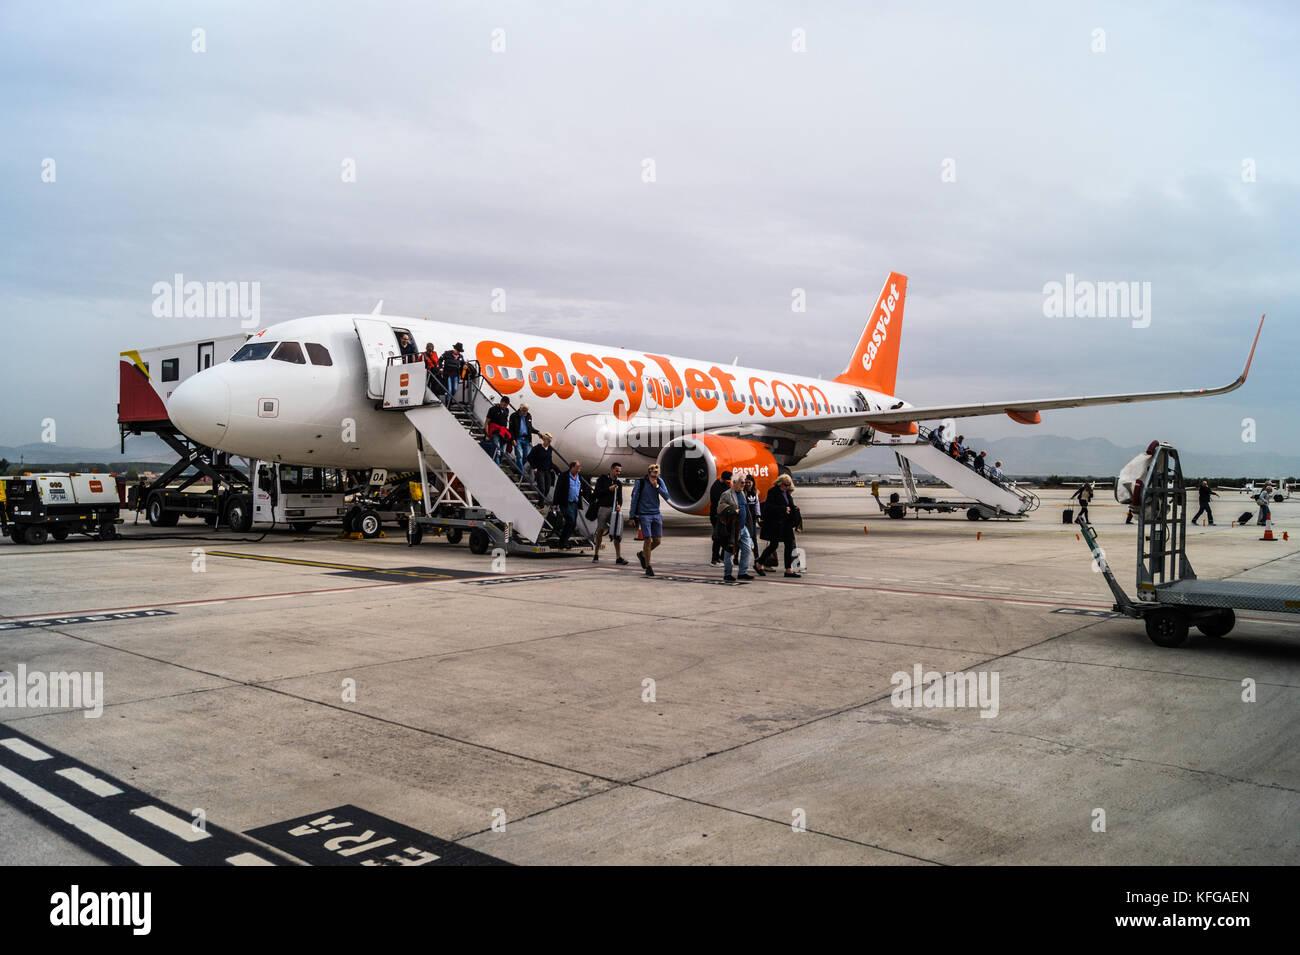 Passengers disembarking Easyjet Airbus A320-214 airliner, Granada airport, Andalucia, Spain Stock Photo